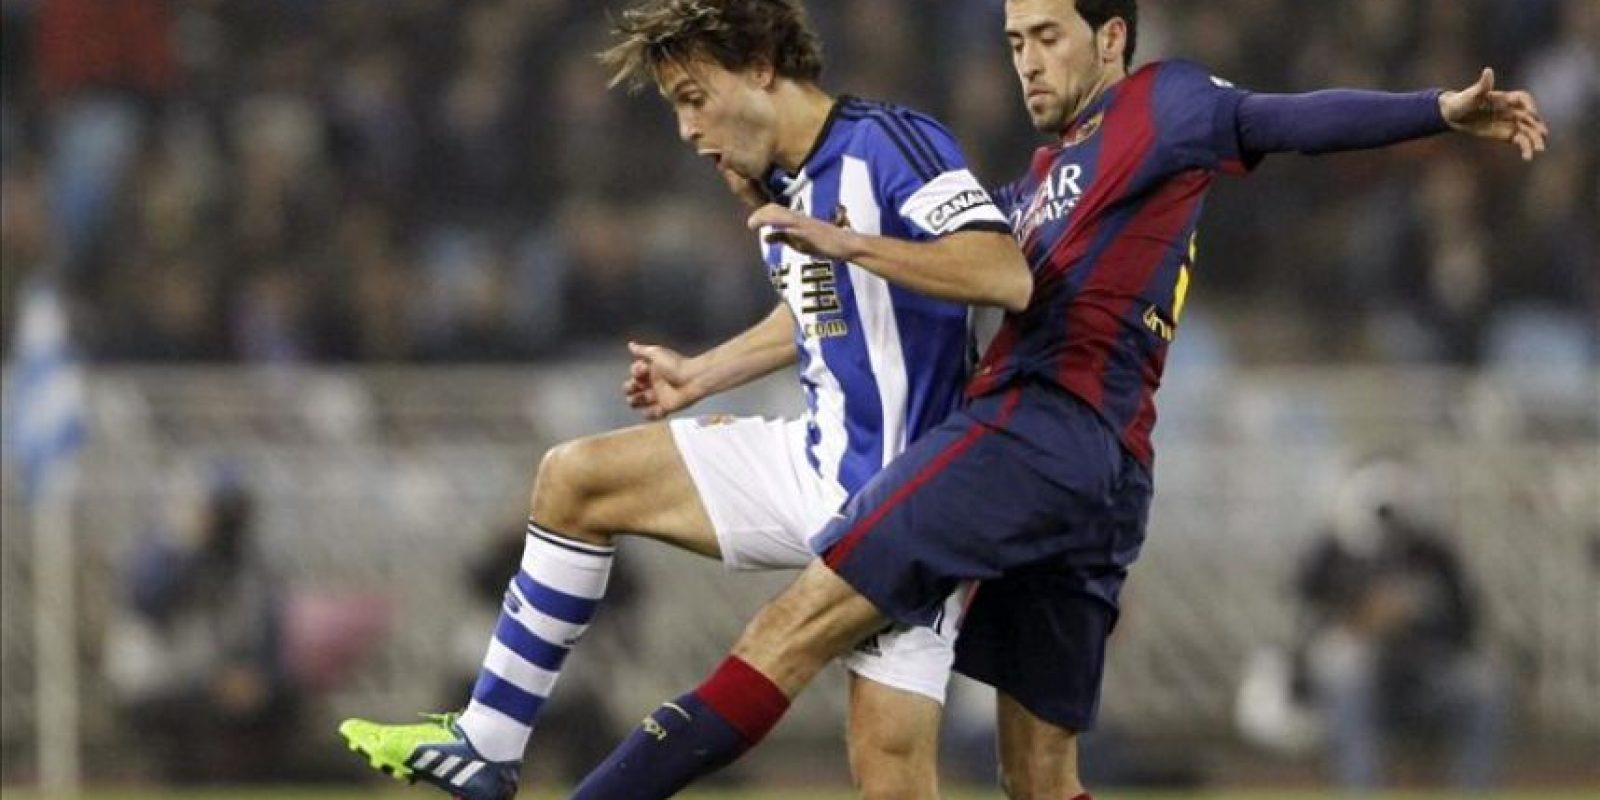 El centrocampista de la Real Sociedad Sergio Canales (i) lucha un balón con el centrocampista del FC Barcelona Sergio Busquets durante el partido de la decimo séptima jornada de Liga de Primera División disputado en el estadio de Anoeta de San Sebastián. EFE